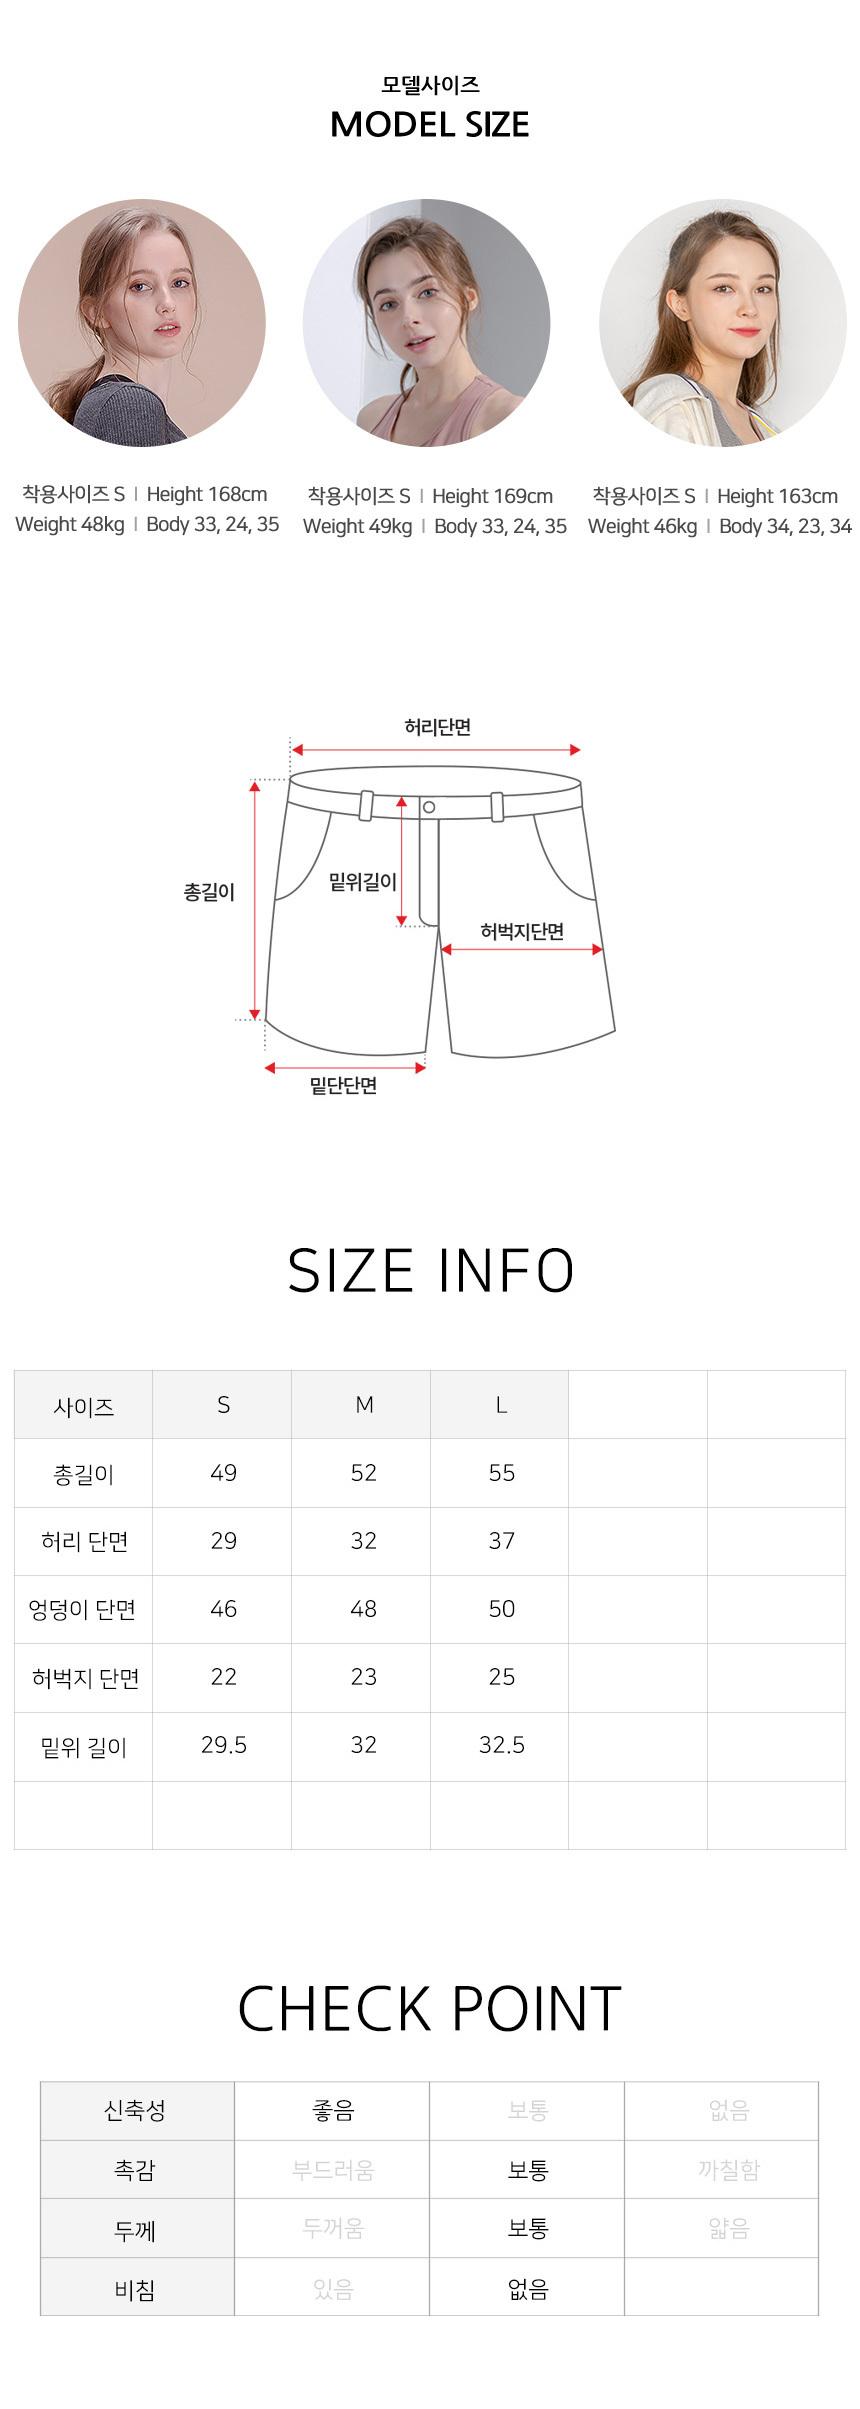 뒤란(DURAN) 여성운동복 투인원 요가레깅스 DFW4028 블랙